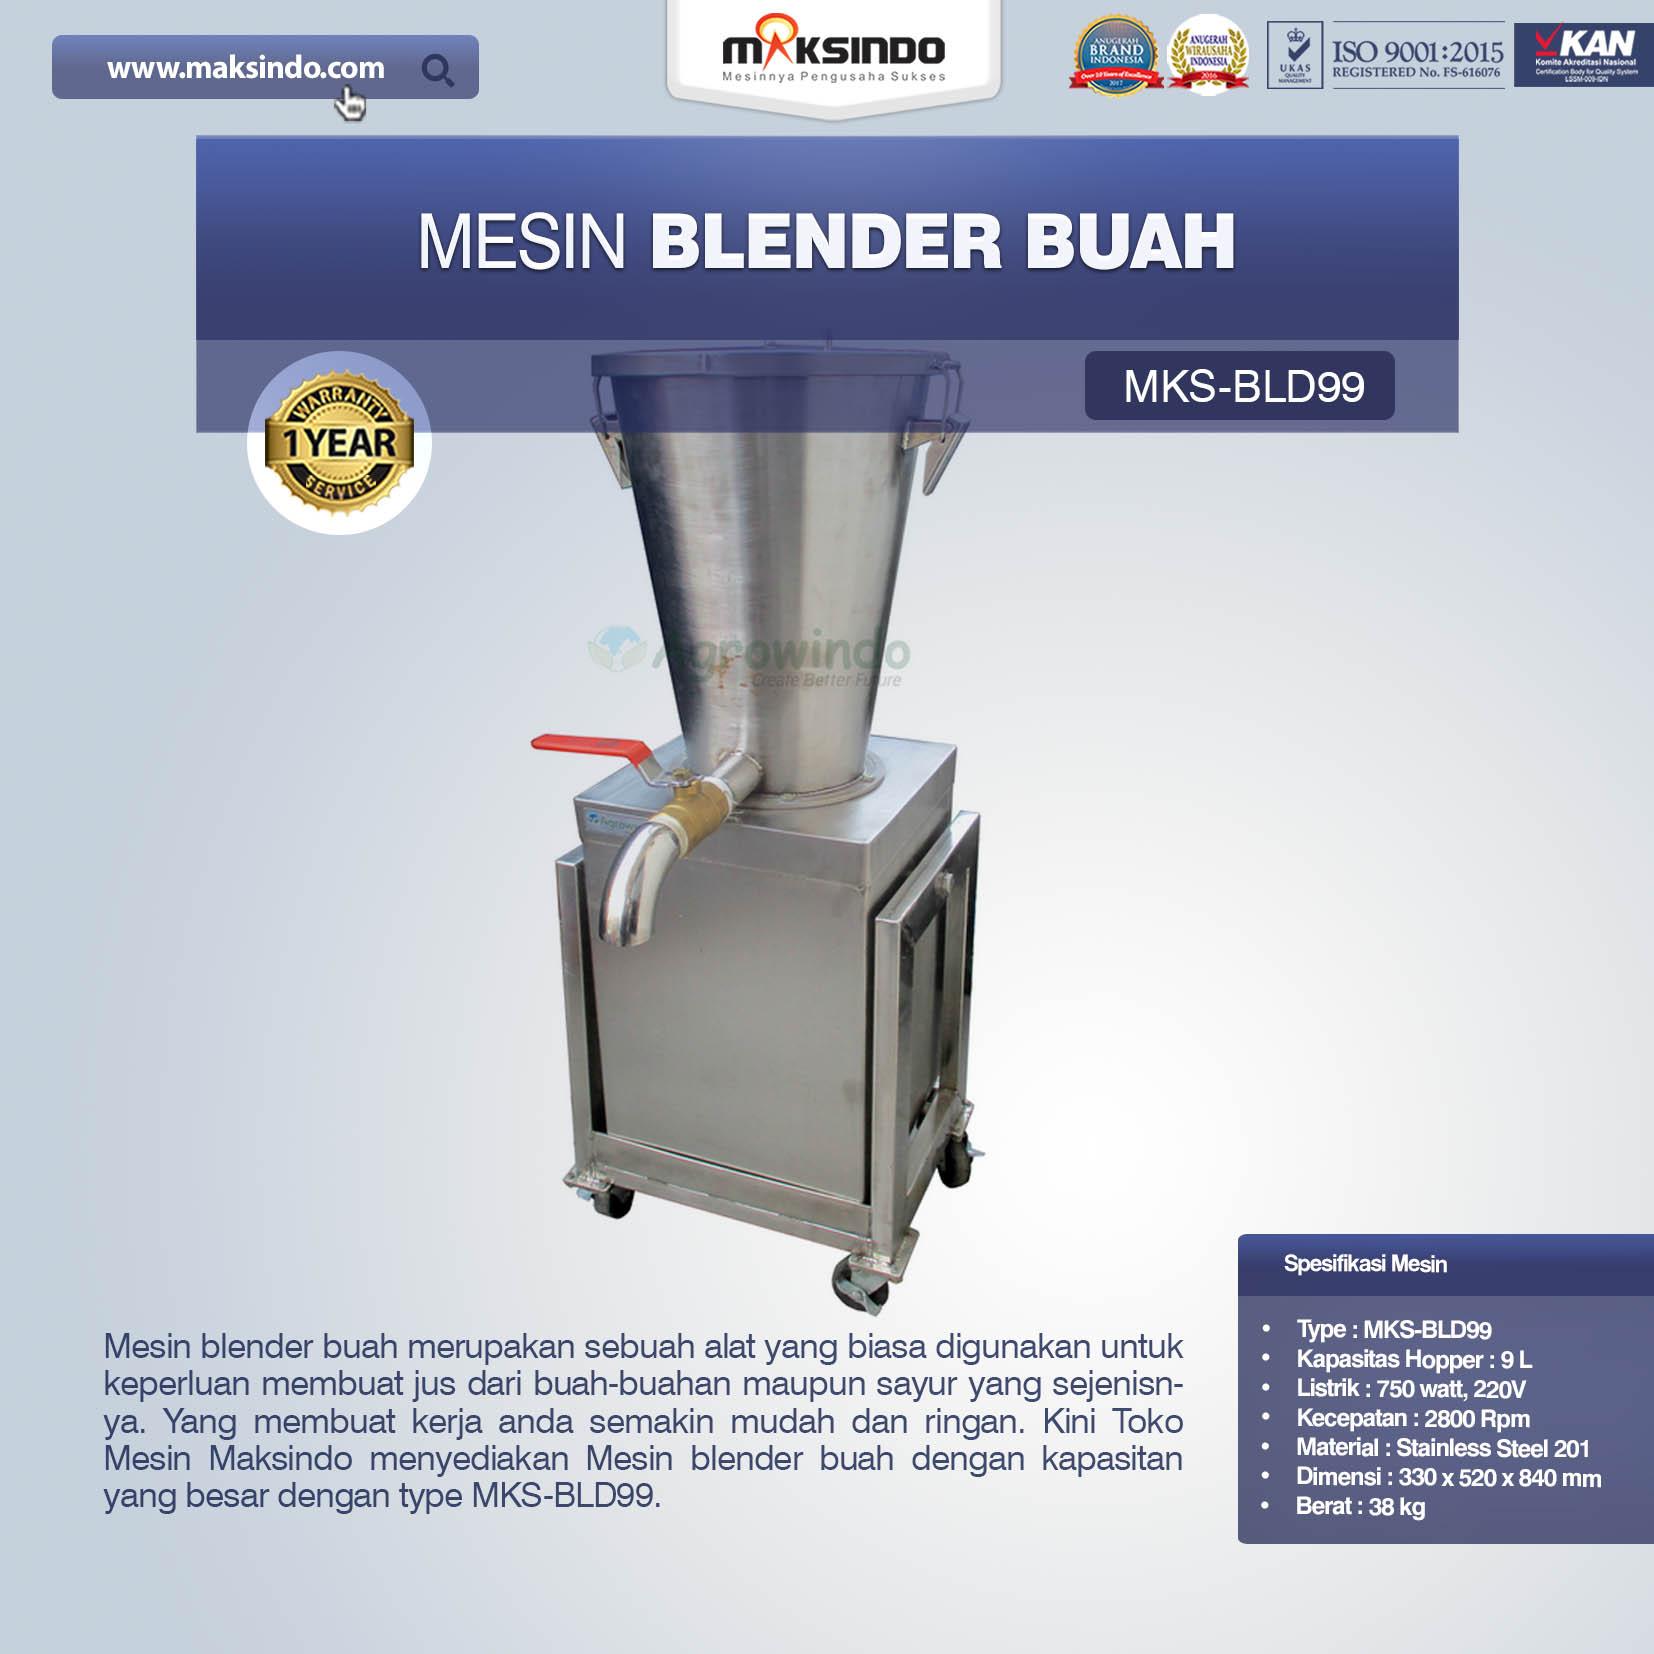 Jual Mesin Baru Mesin Blender Buah MKS-BLD99 di Blitar